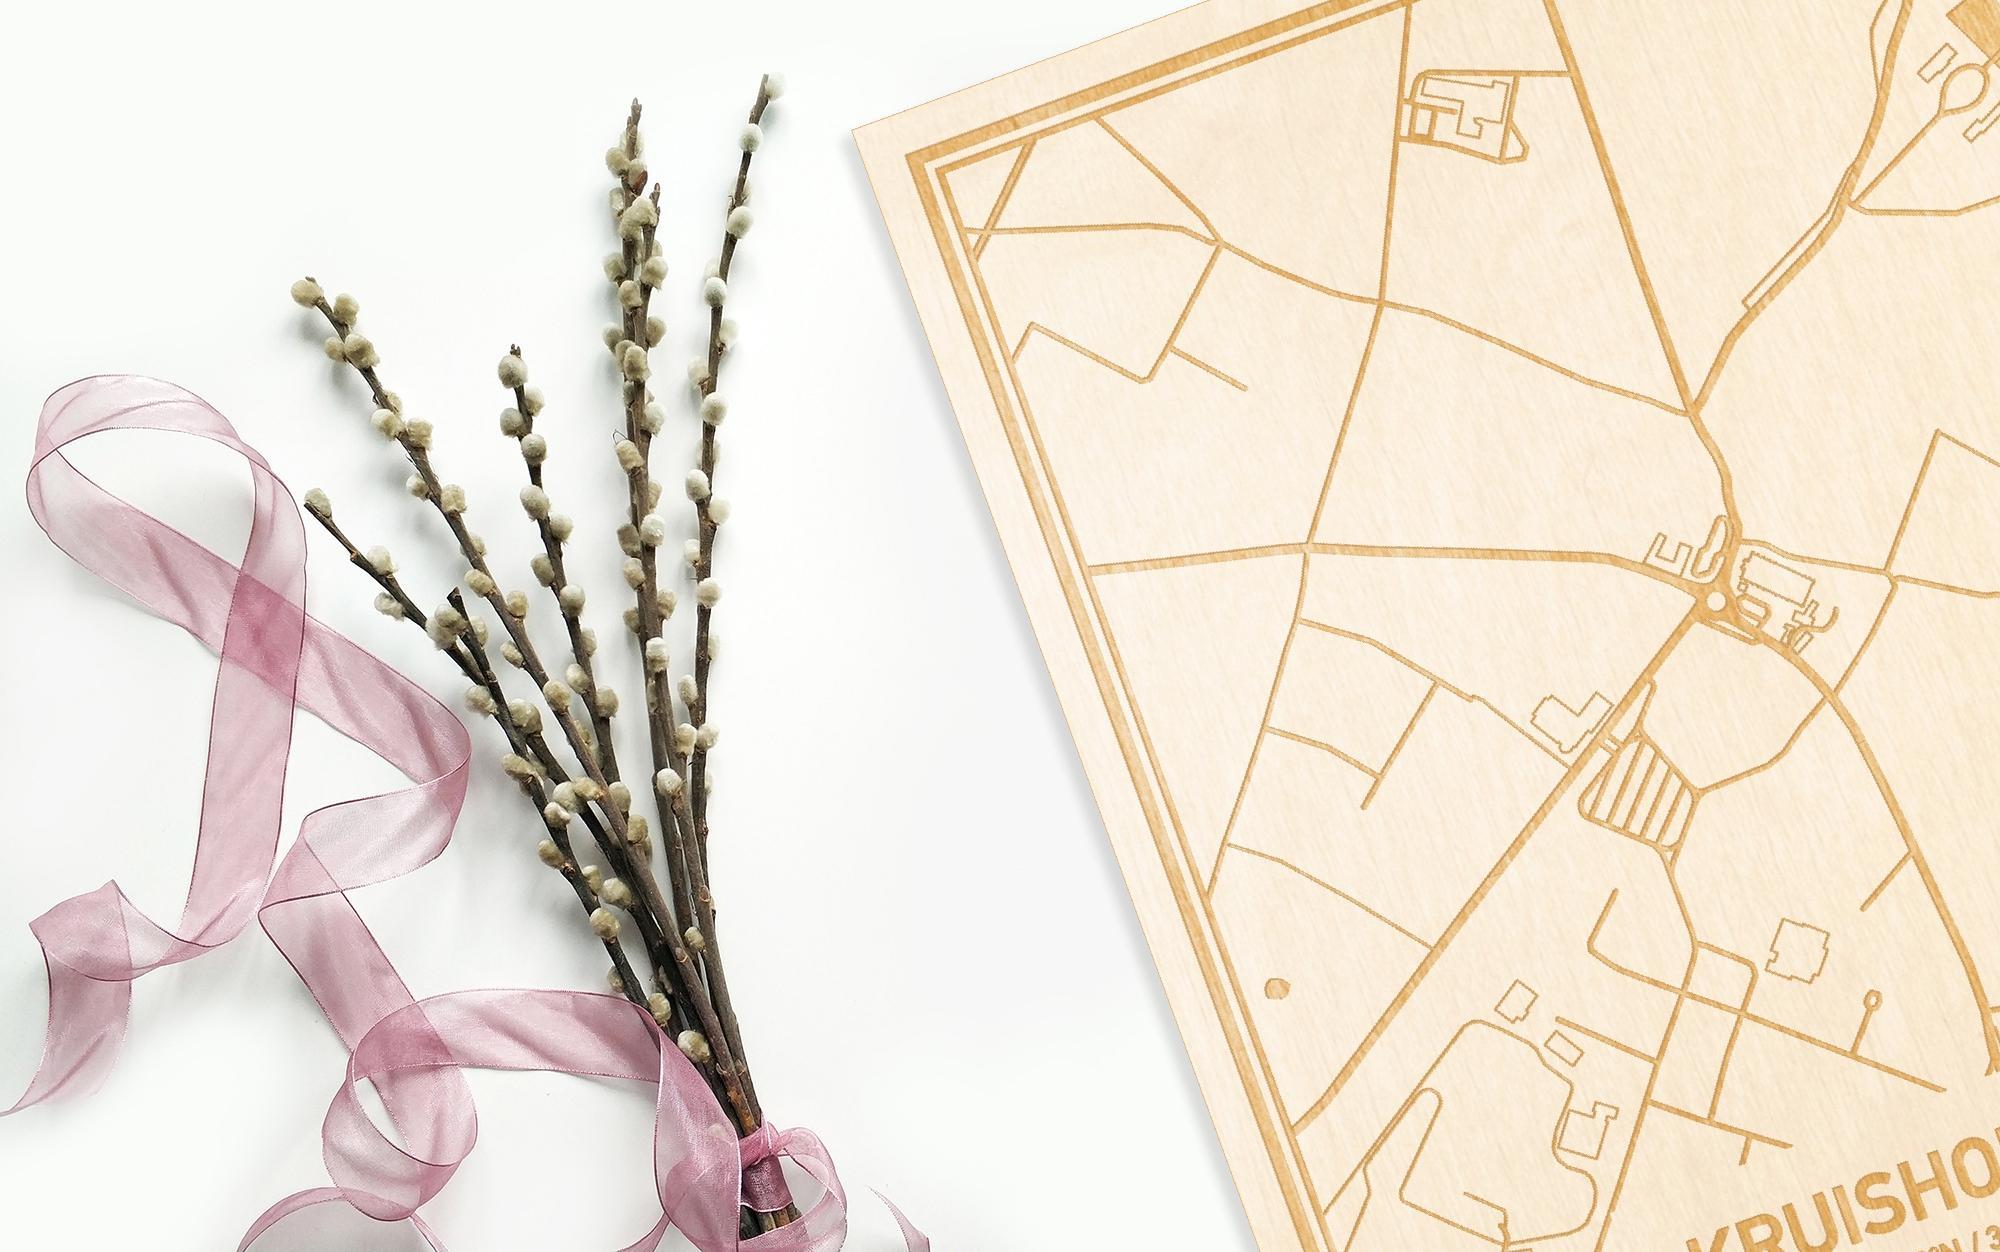 Hier ligt de houten plattegrond Kruishoutem naast een bloemetje als gepersonaliseerd cadeau voor haar.